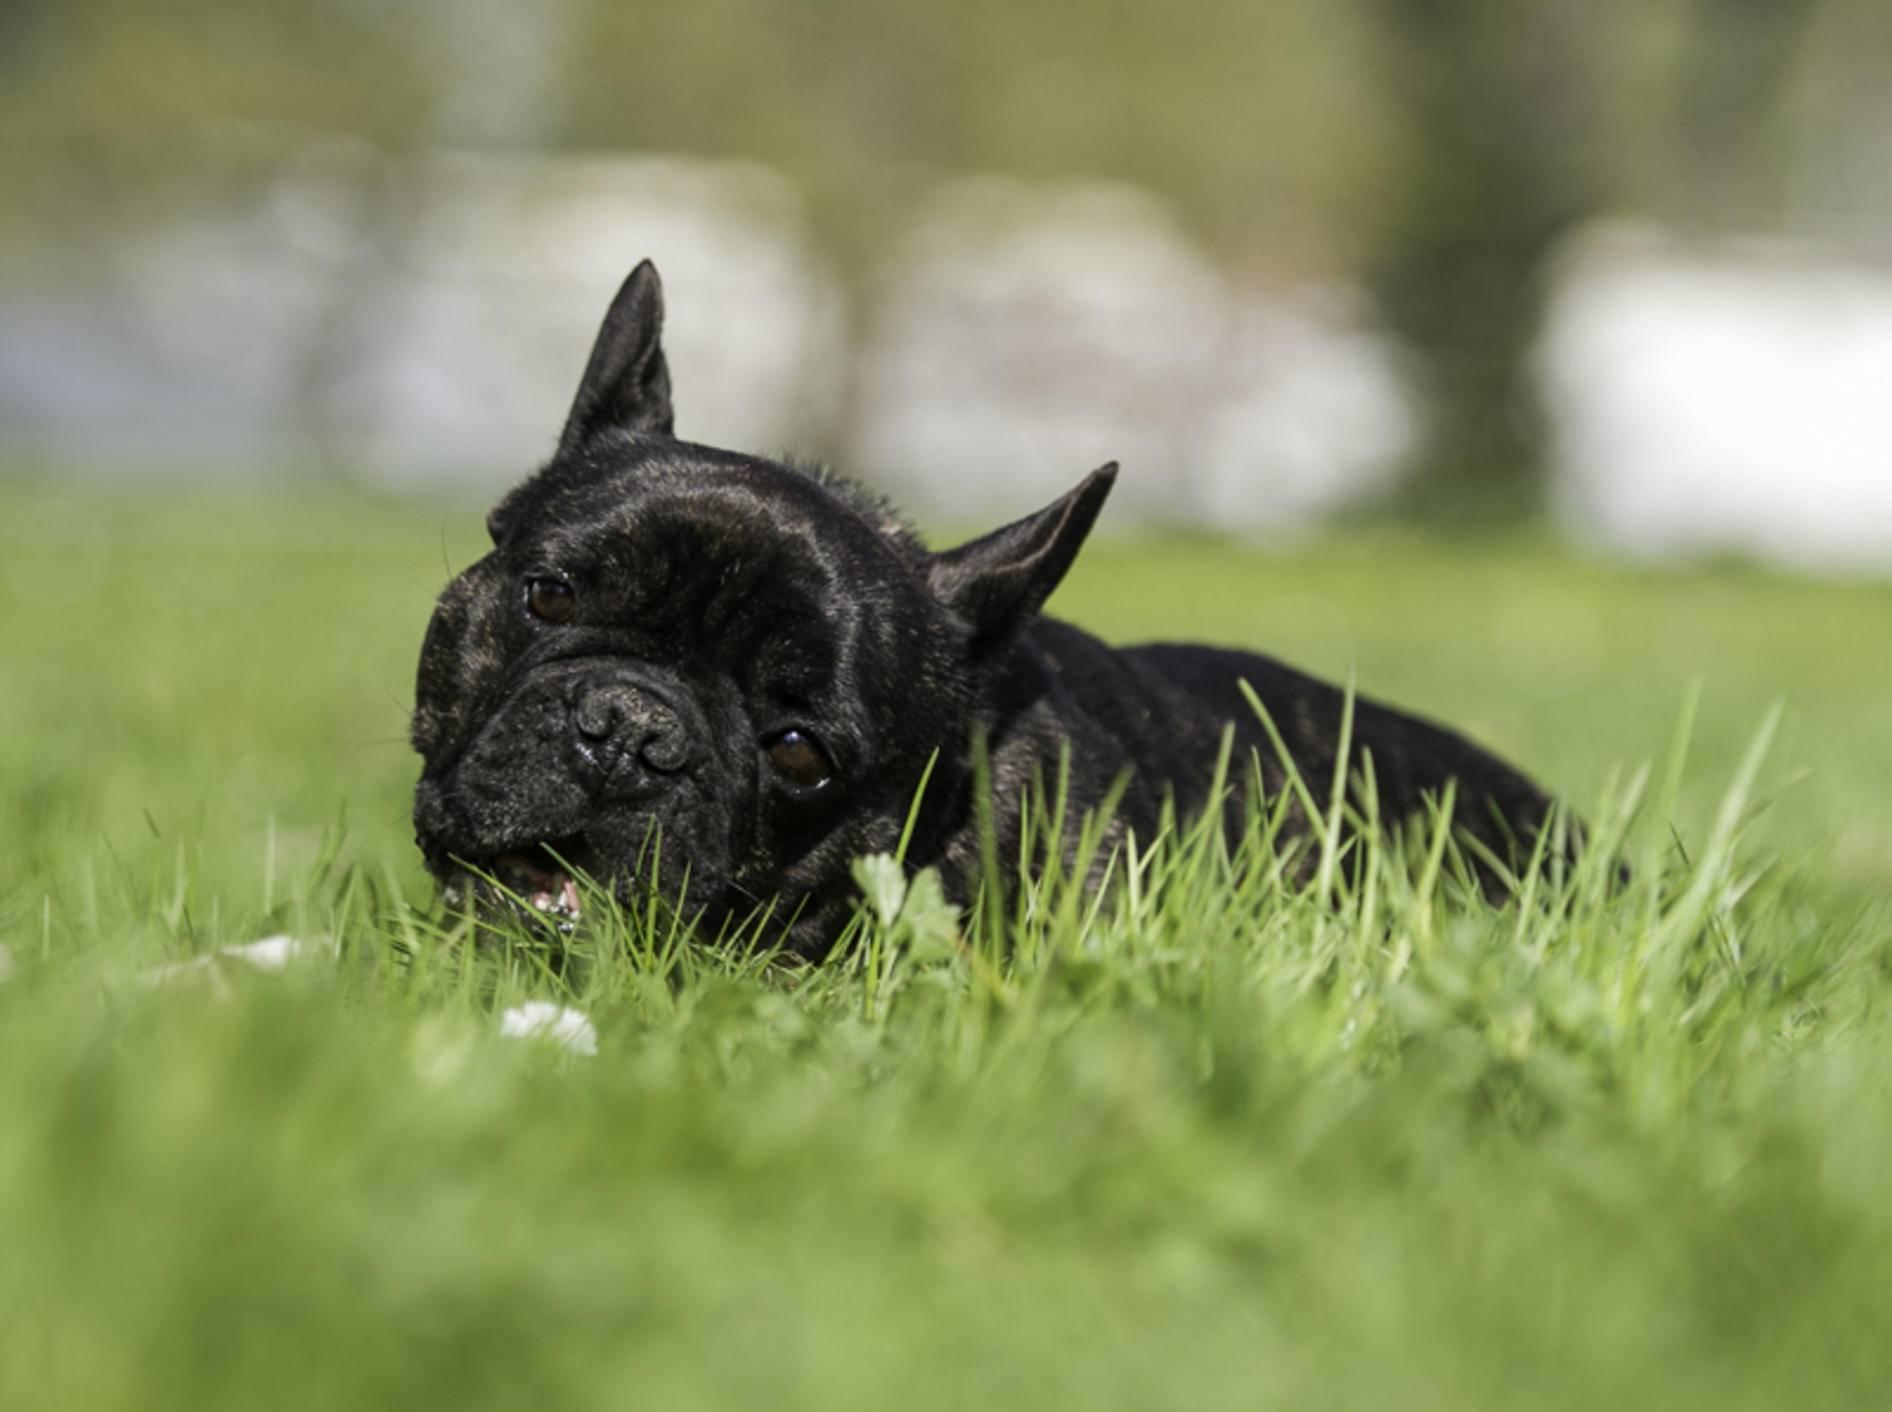 Gelegentlicher Grasgenuss bei Hunden ist nicht besorgniserregend – Shutterstock / Aneta Jungerova